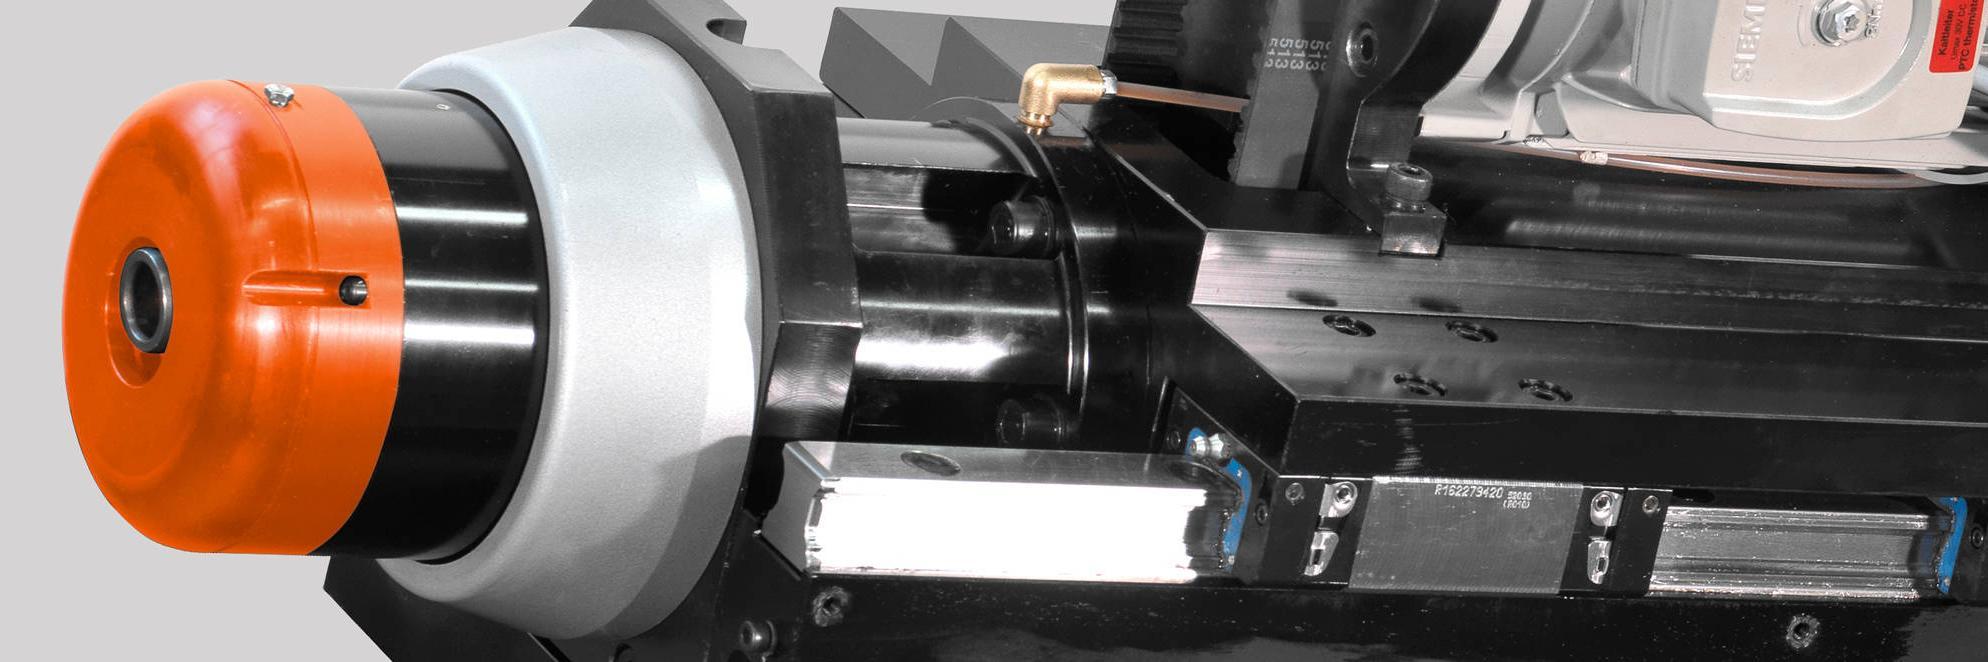 Agme servo riveting machines